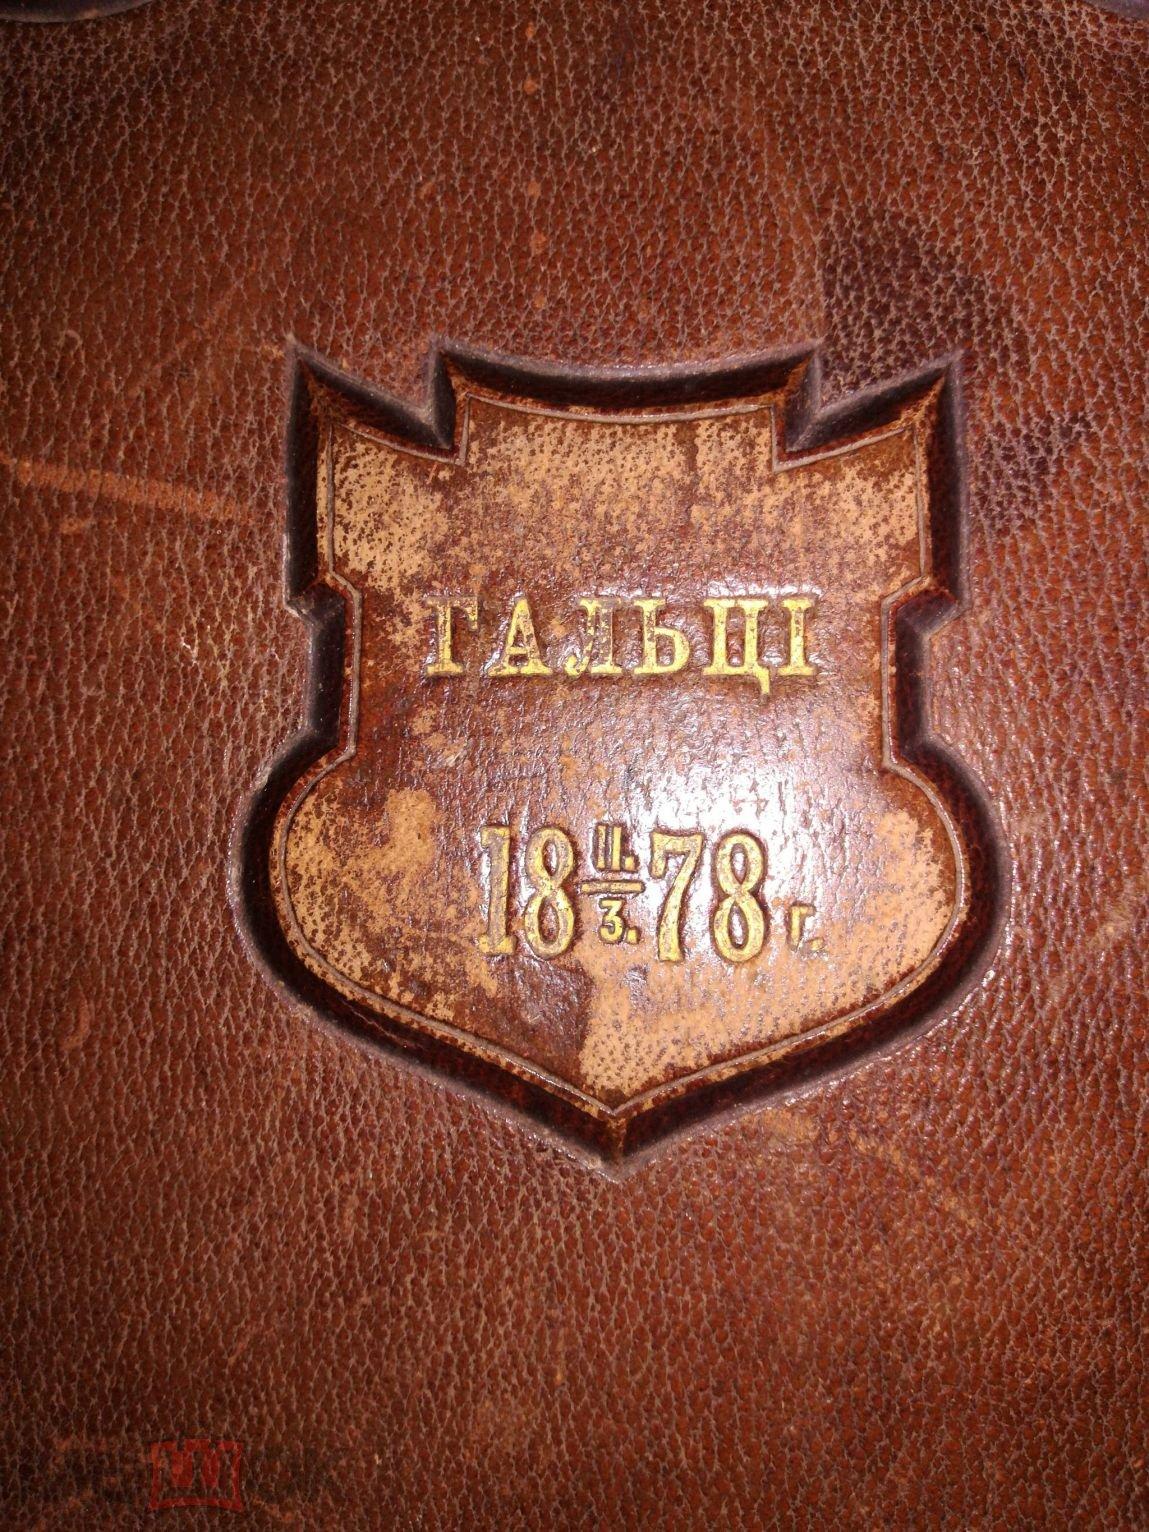 Альбом под фотографии Священника Царский 1878 г кожа золотой обрез фотография с Рубля за вашу цену!